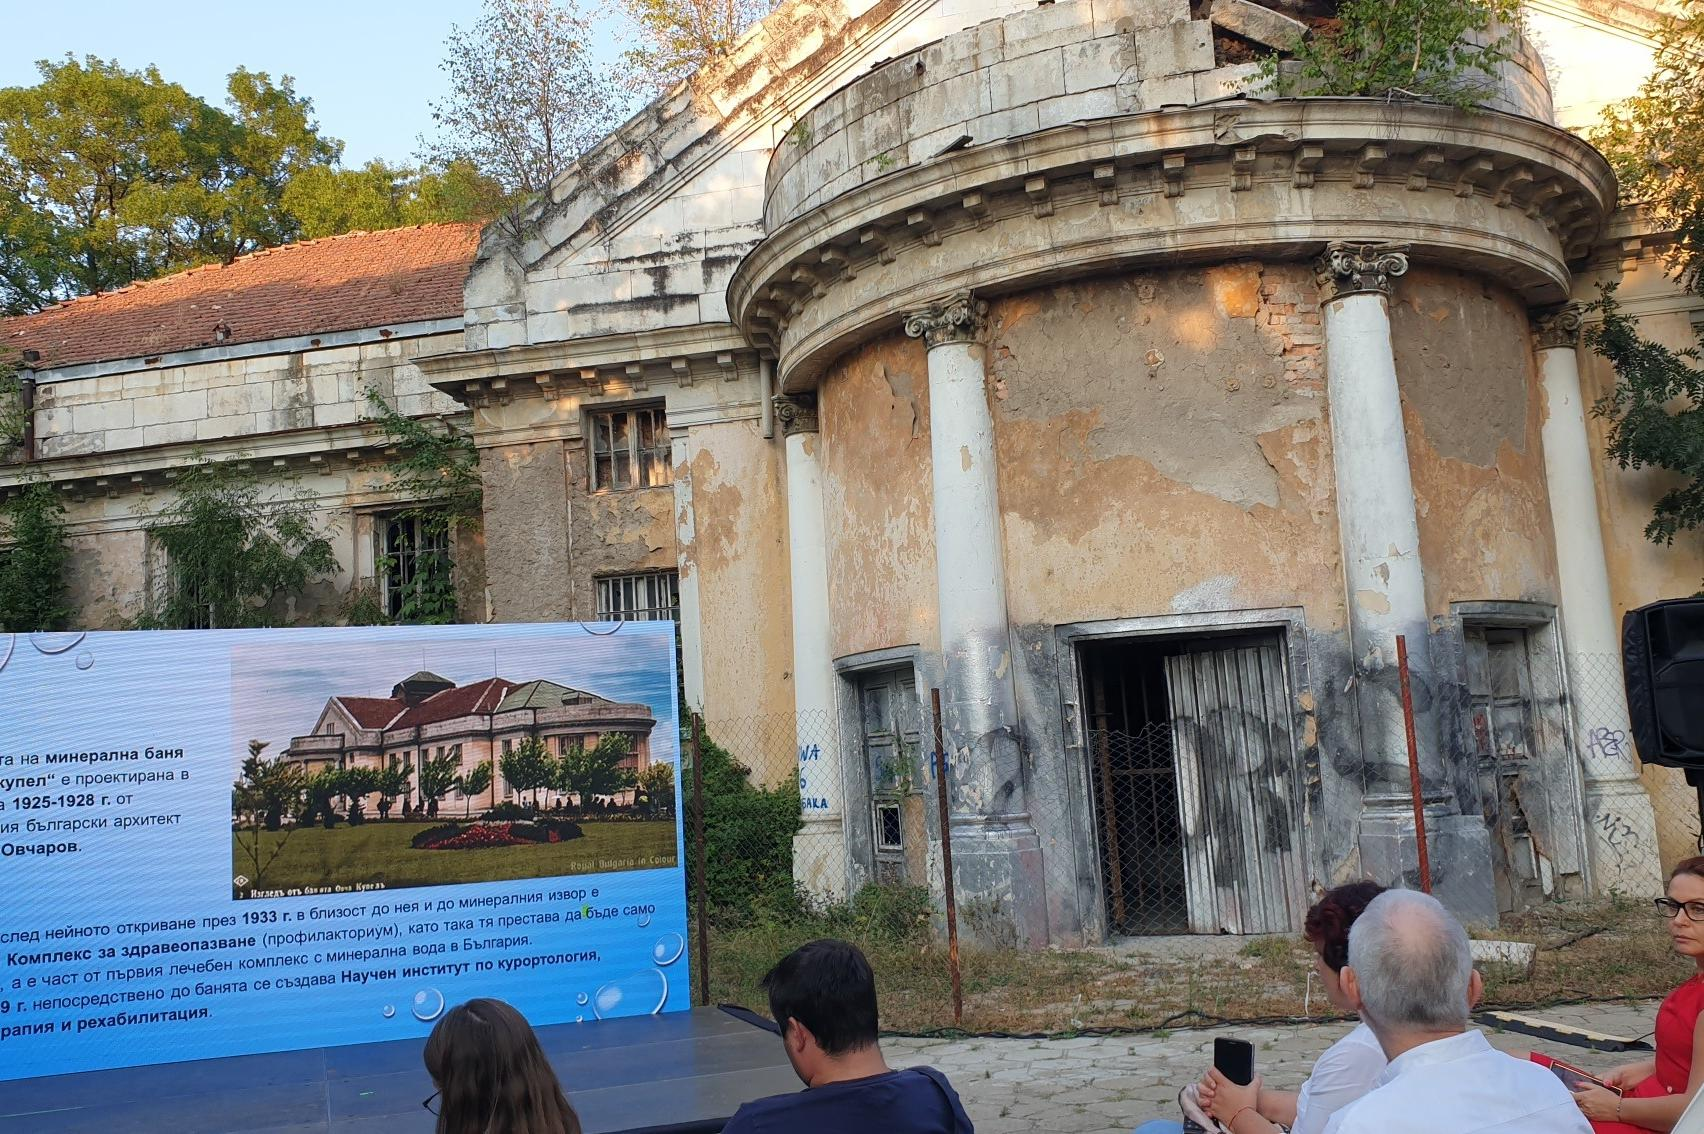 Кой и защо иска да саботира проекта за възстановяването на минералната баня